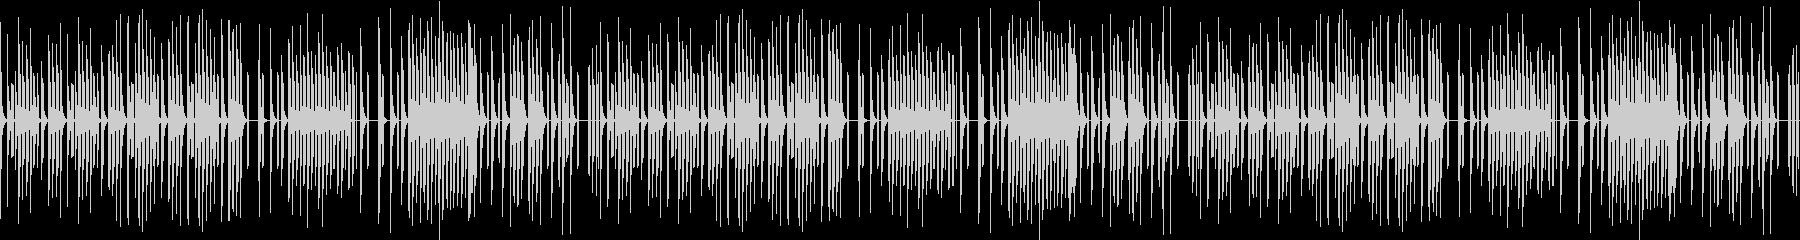 軽快なテンポのファミコン風ゲームBGMの未再生の波形